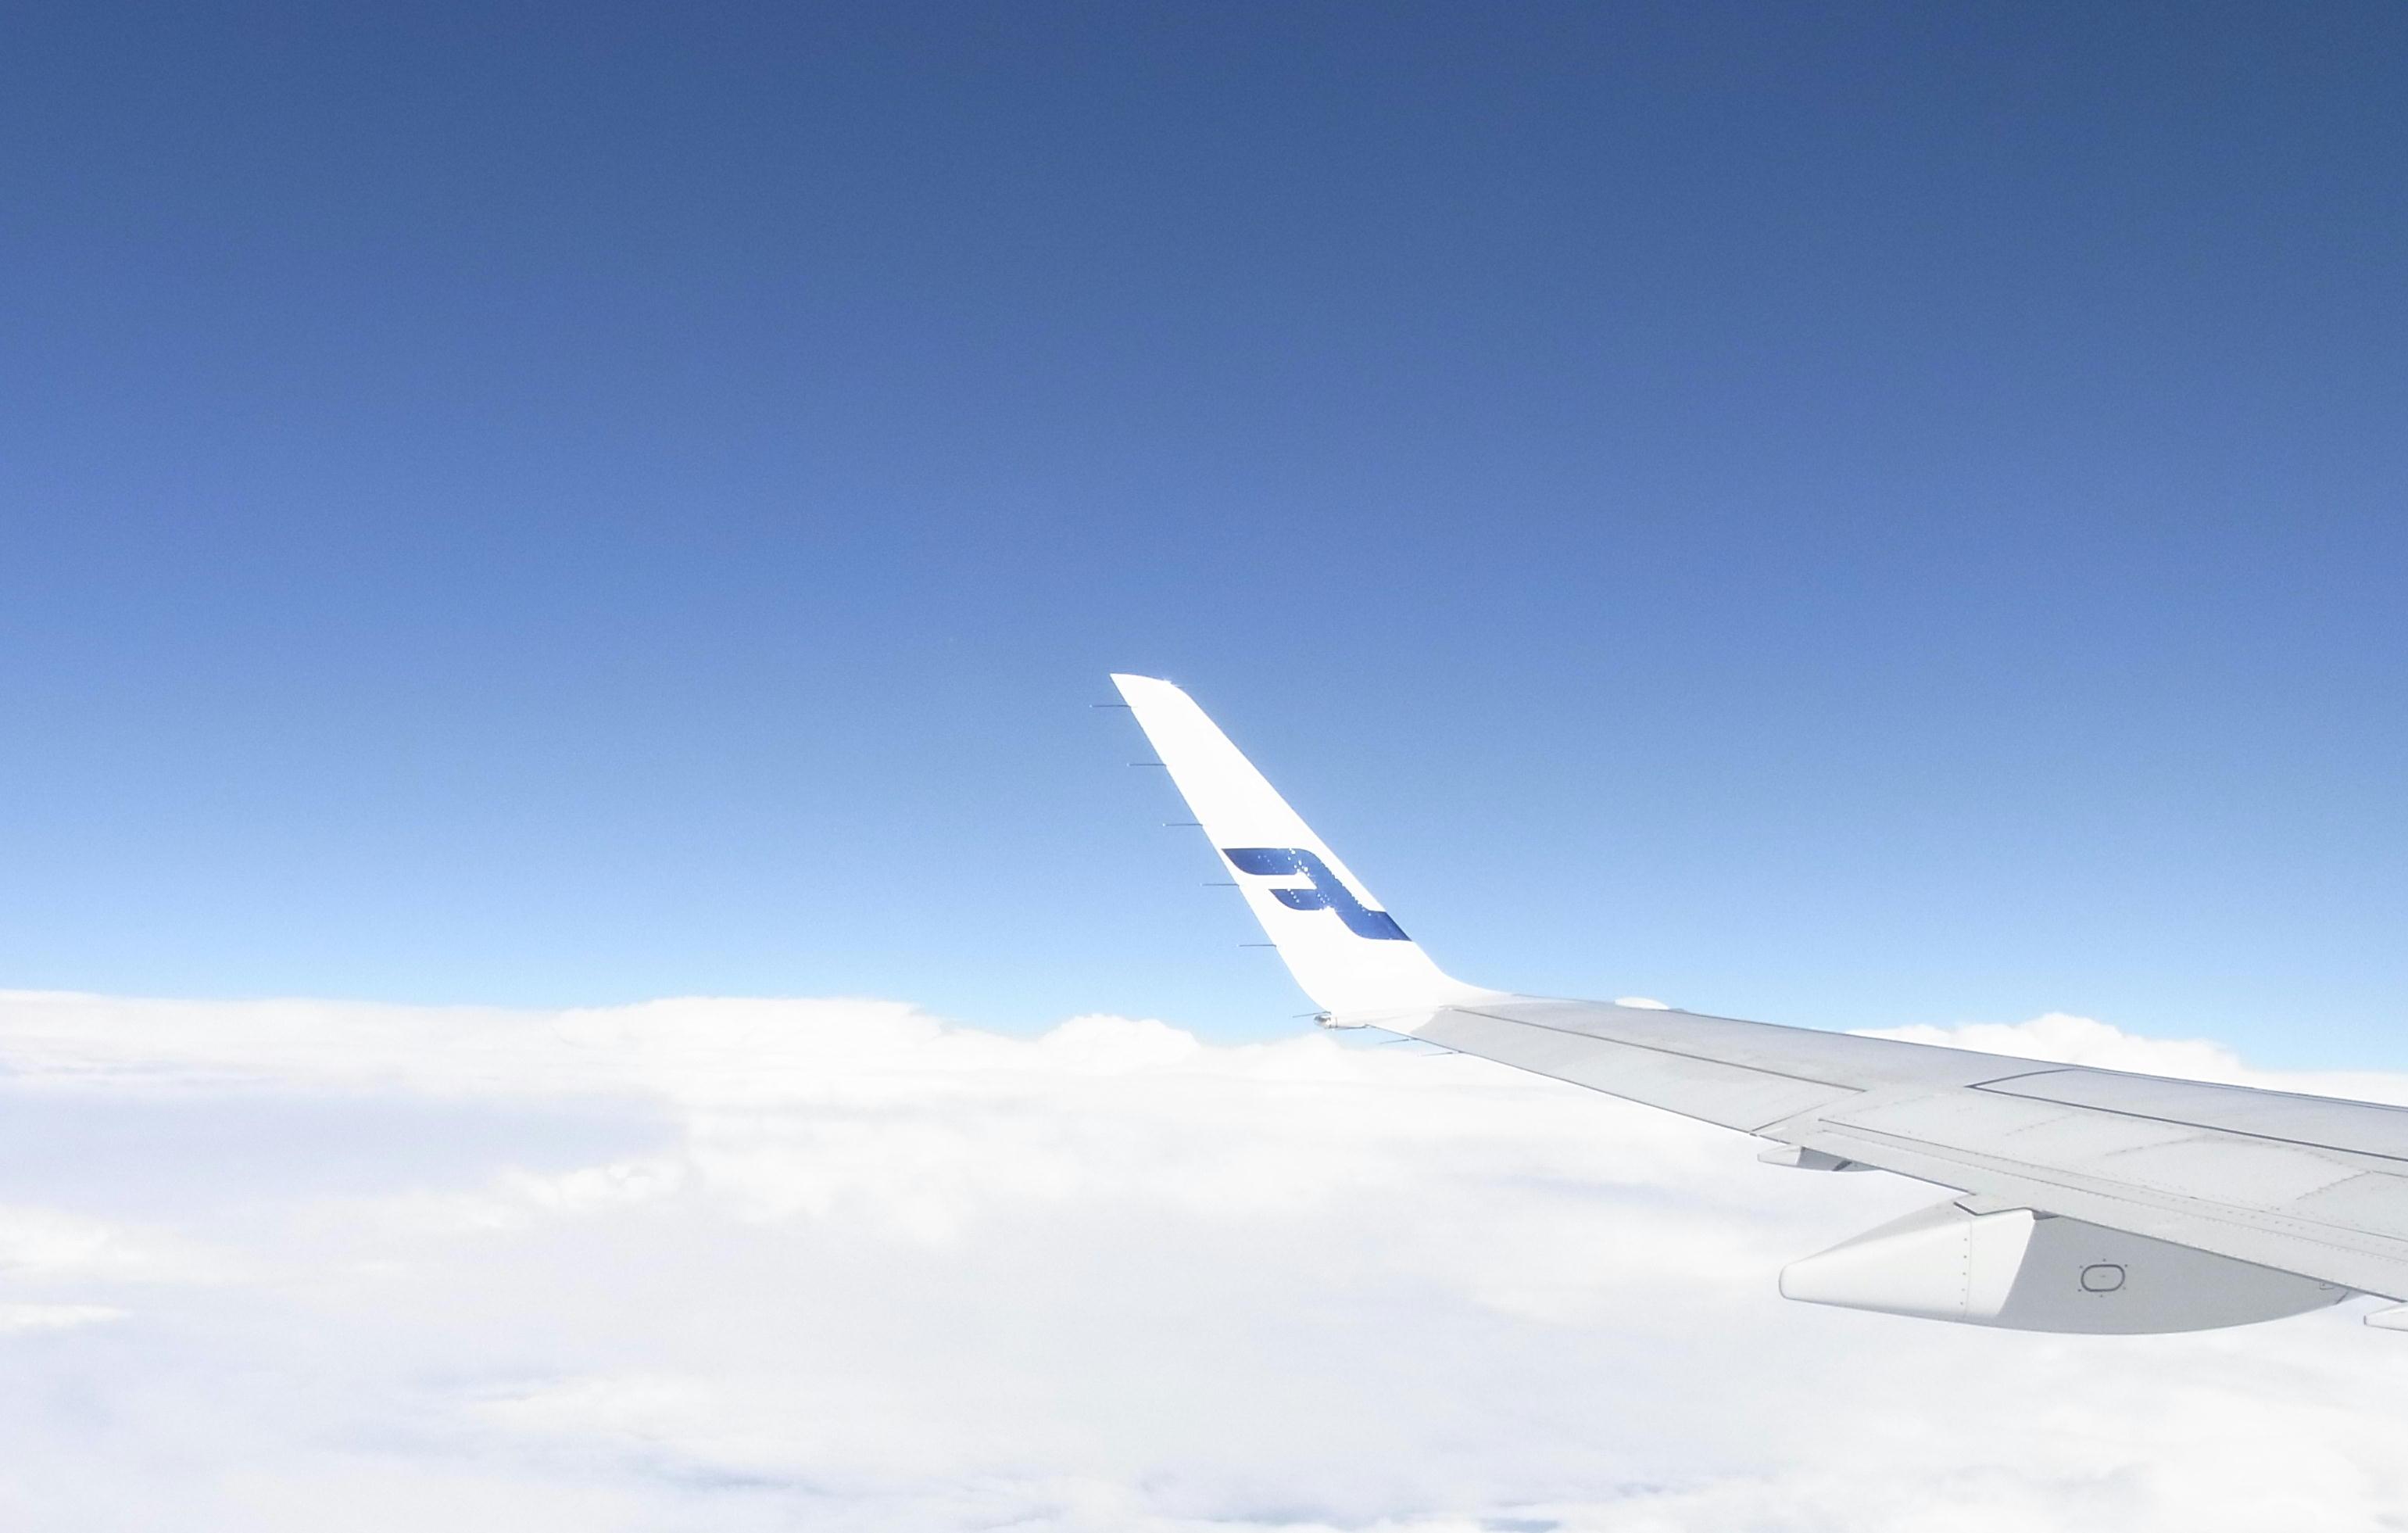 リトアニア旅行記 1日目 成田出発~リトアニア・ヴィリニュス到着 _a0152283_14381151.jpg